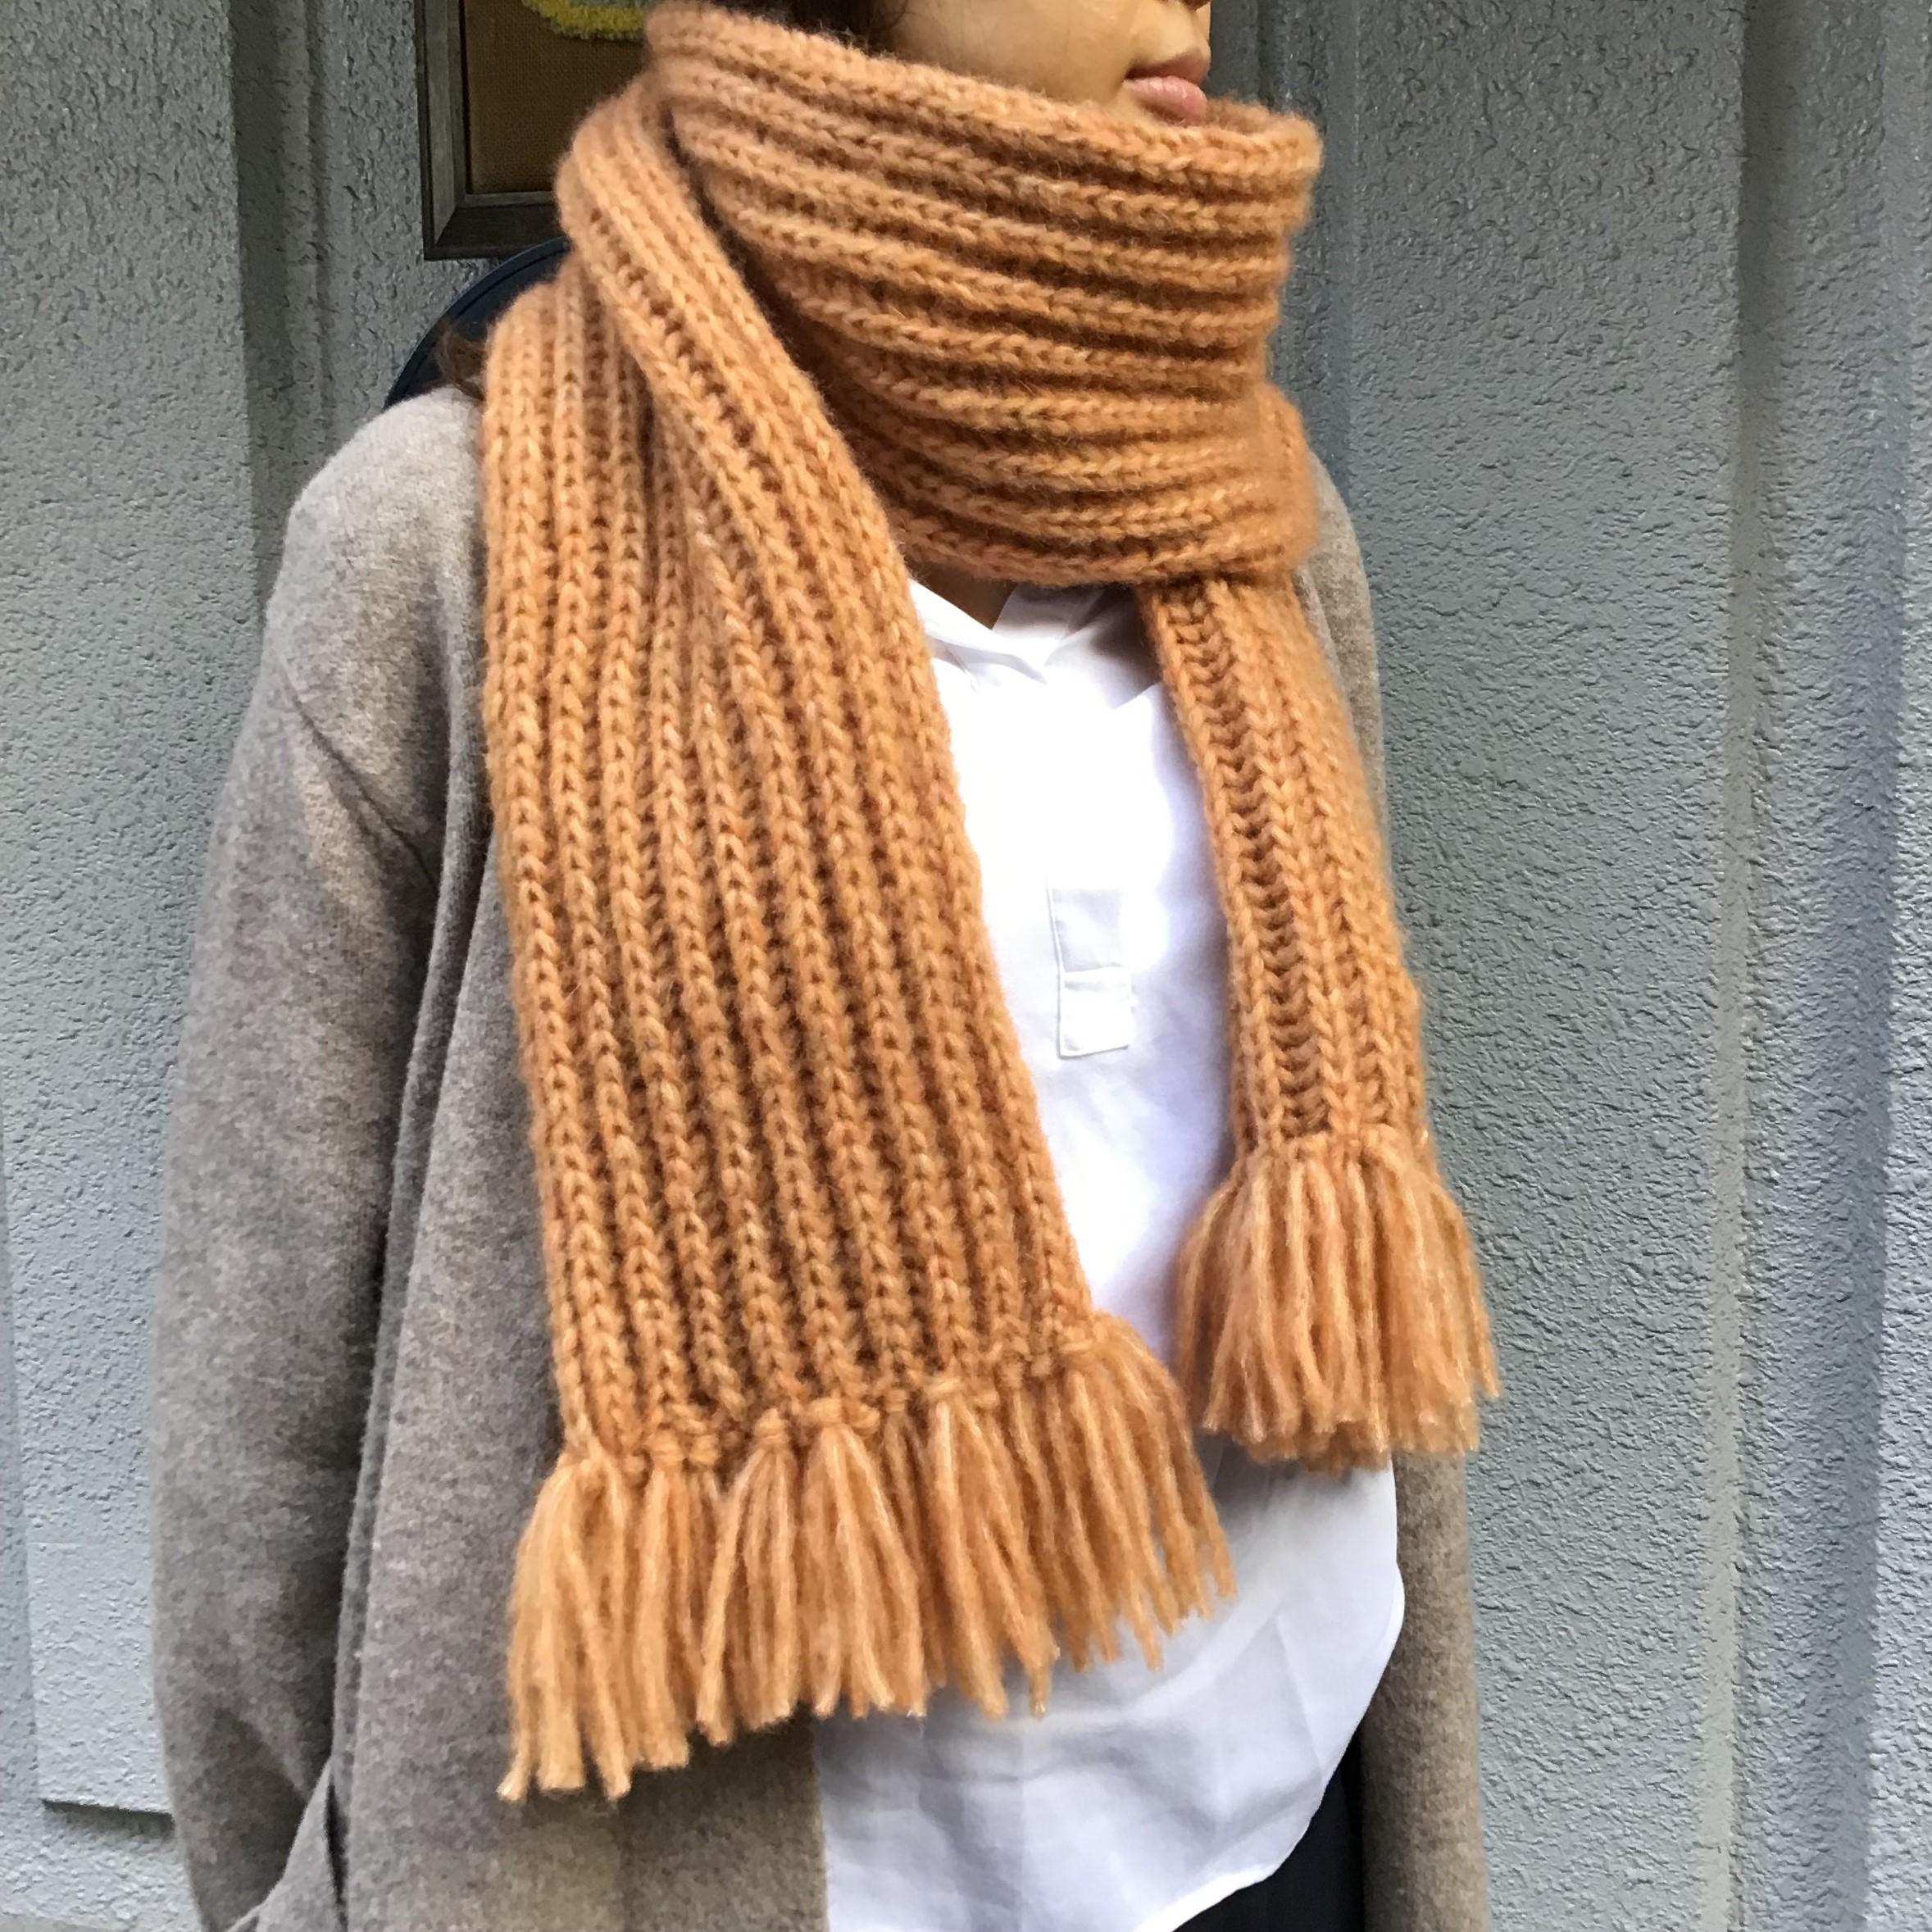 イギリスゴム編みのマフラー